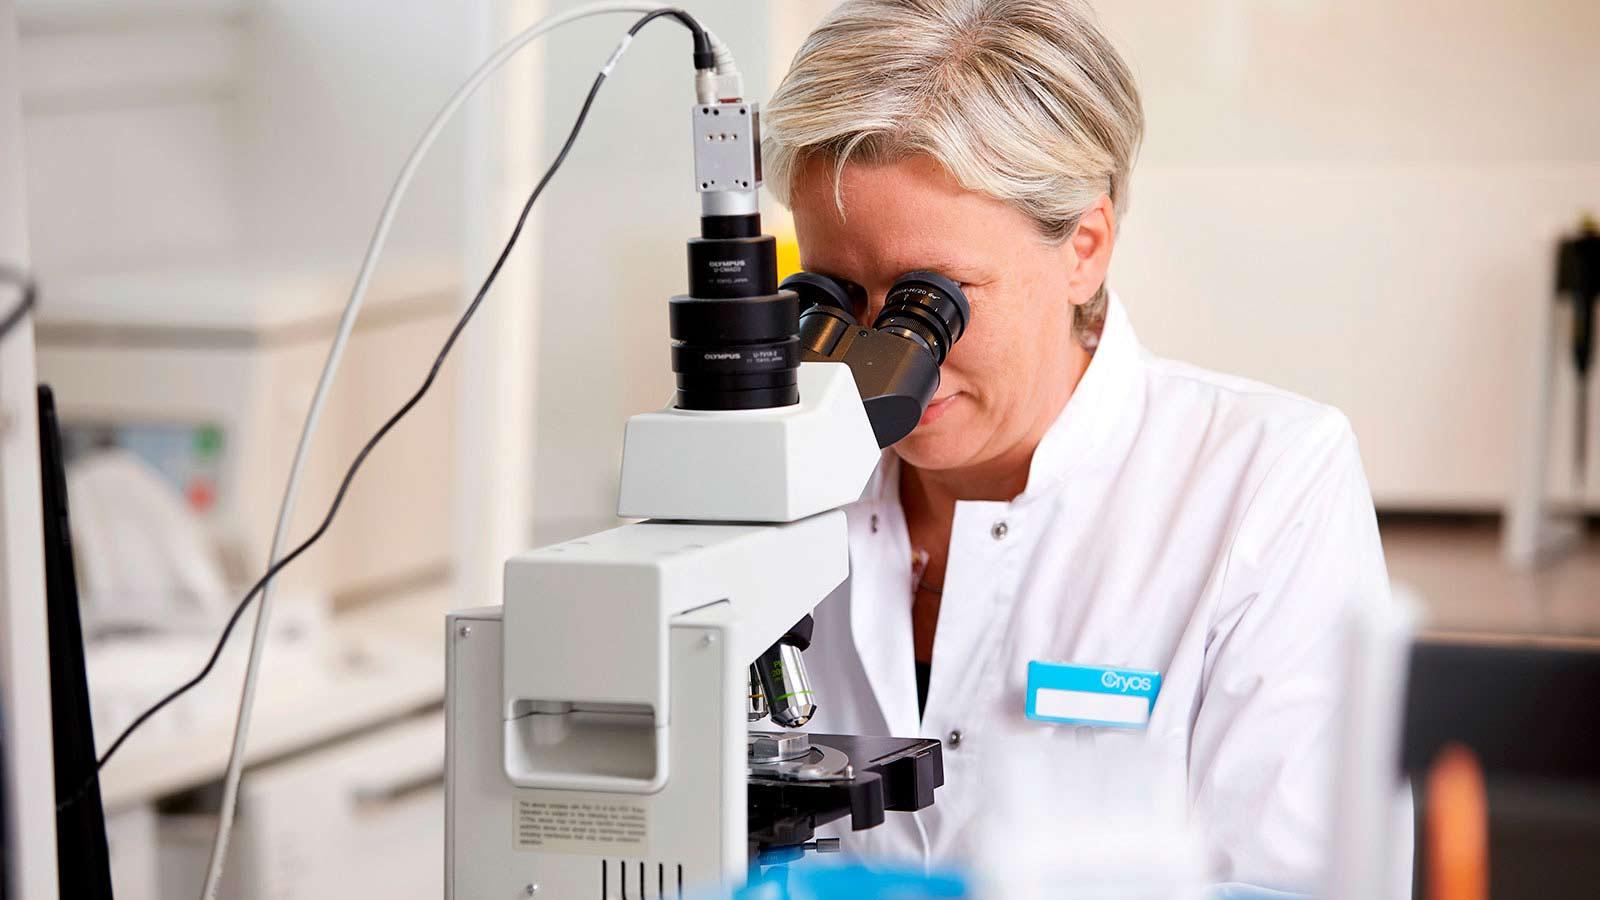 Technicien de laboratoire Cryos évaluant la qualité d'un échantillon de sperme de donneur au moyen d'un microscope